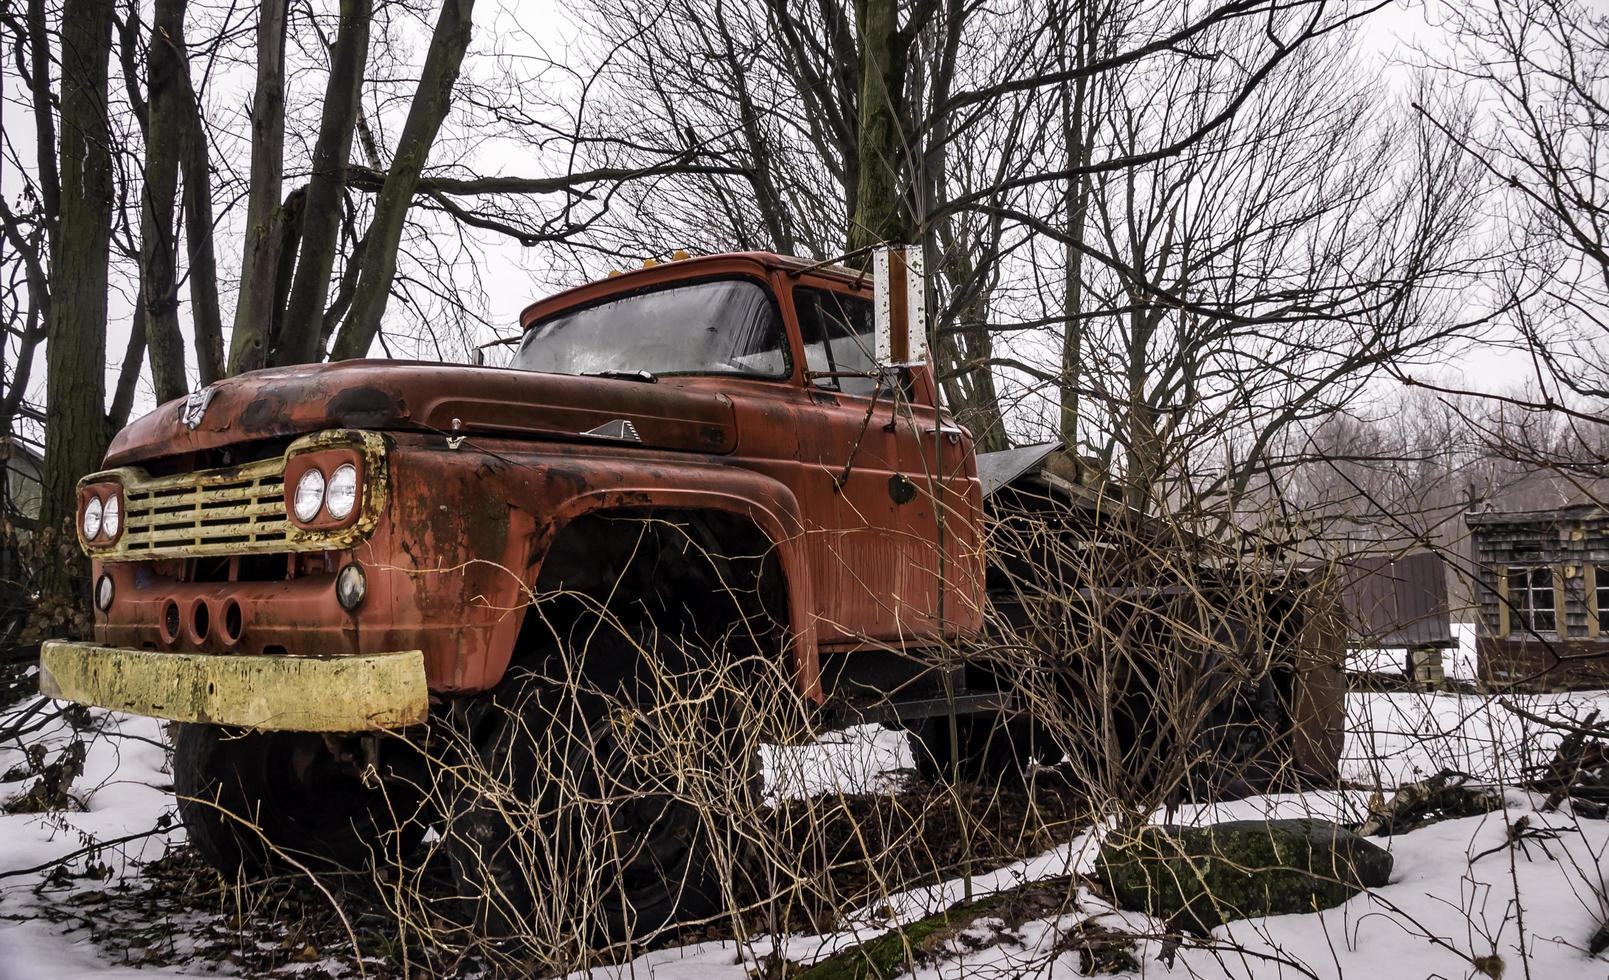 rusty vintage ford truck tra gli alberi in un cortile innevato foto